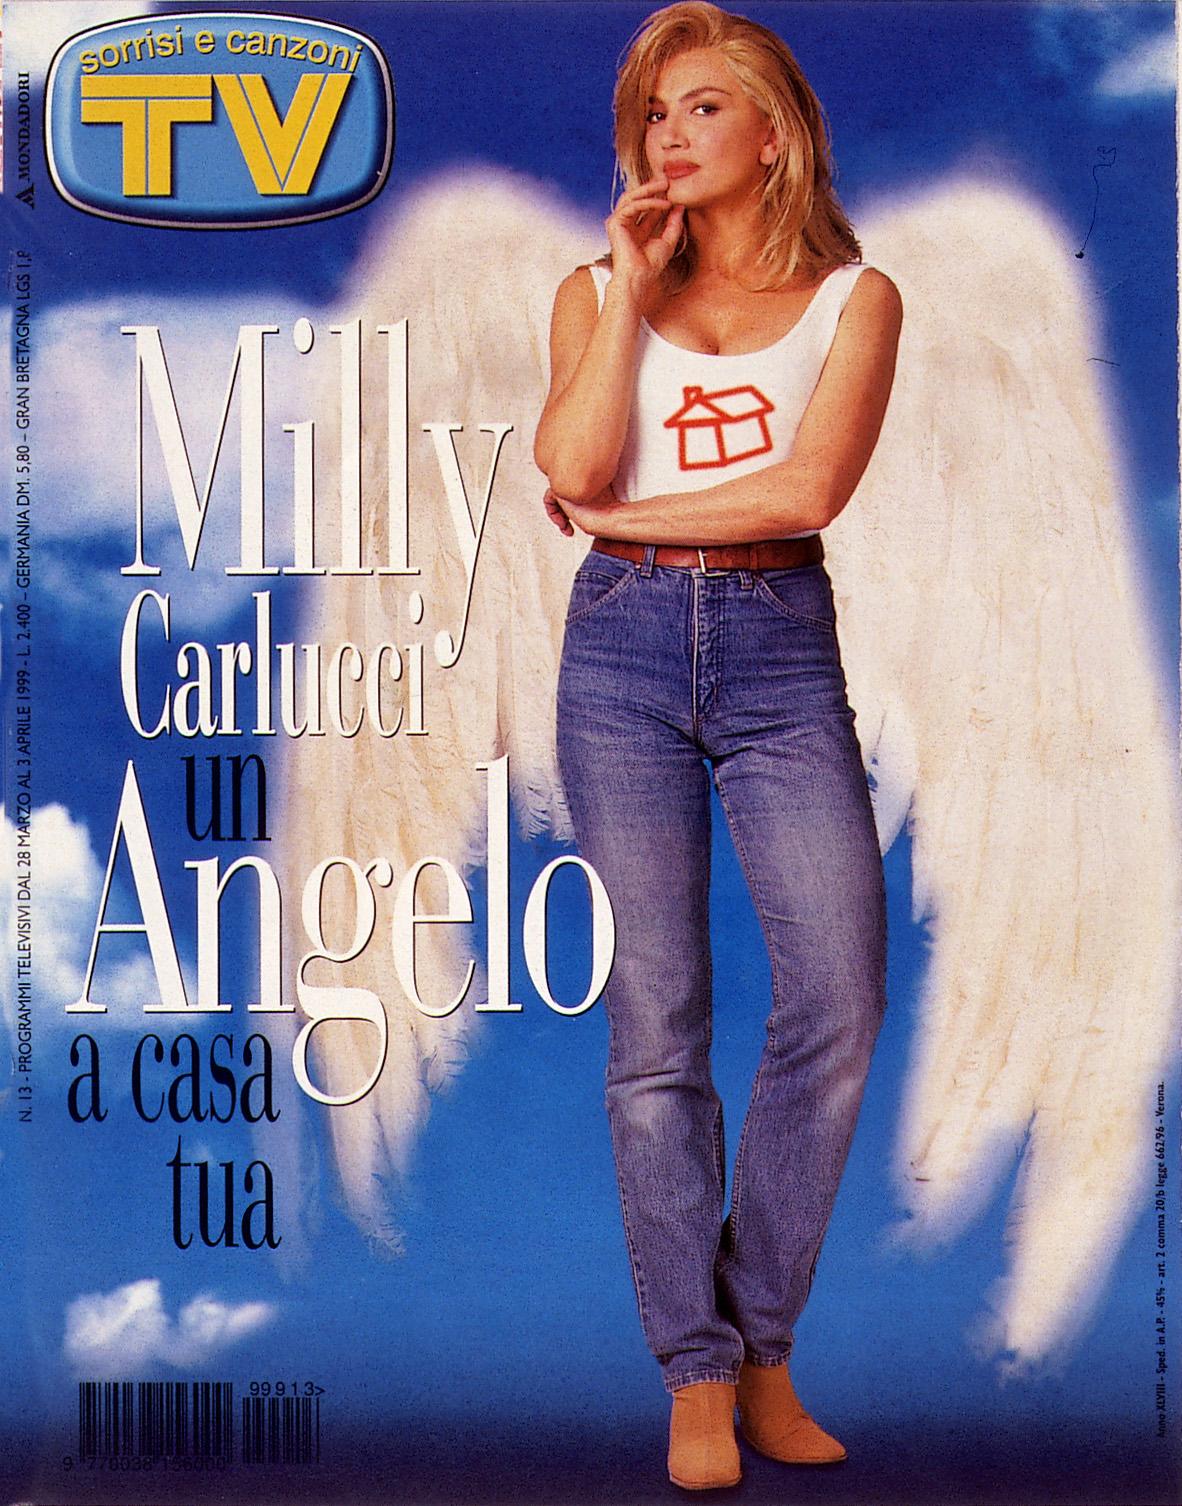 Sorrisi e Canzoni TV - Copertina con Milly Carlucci del 1999 -